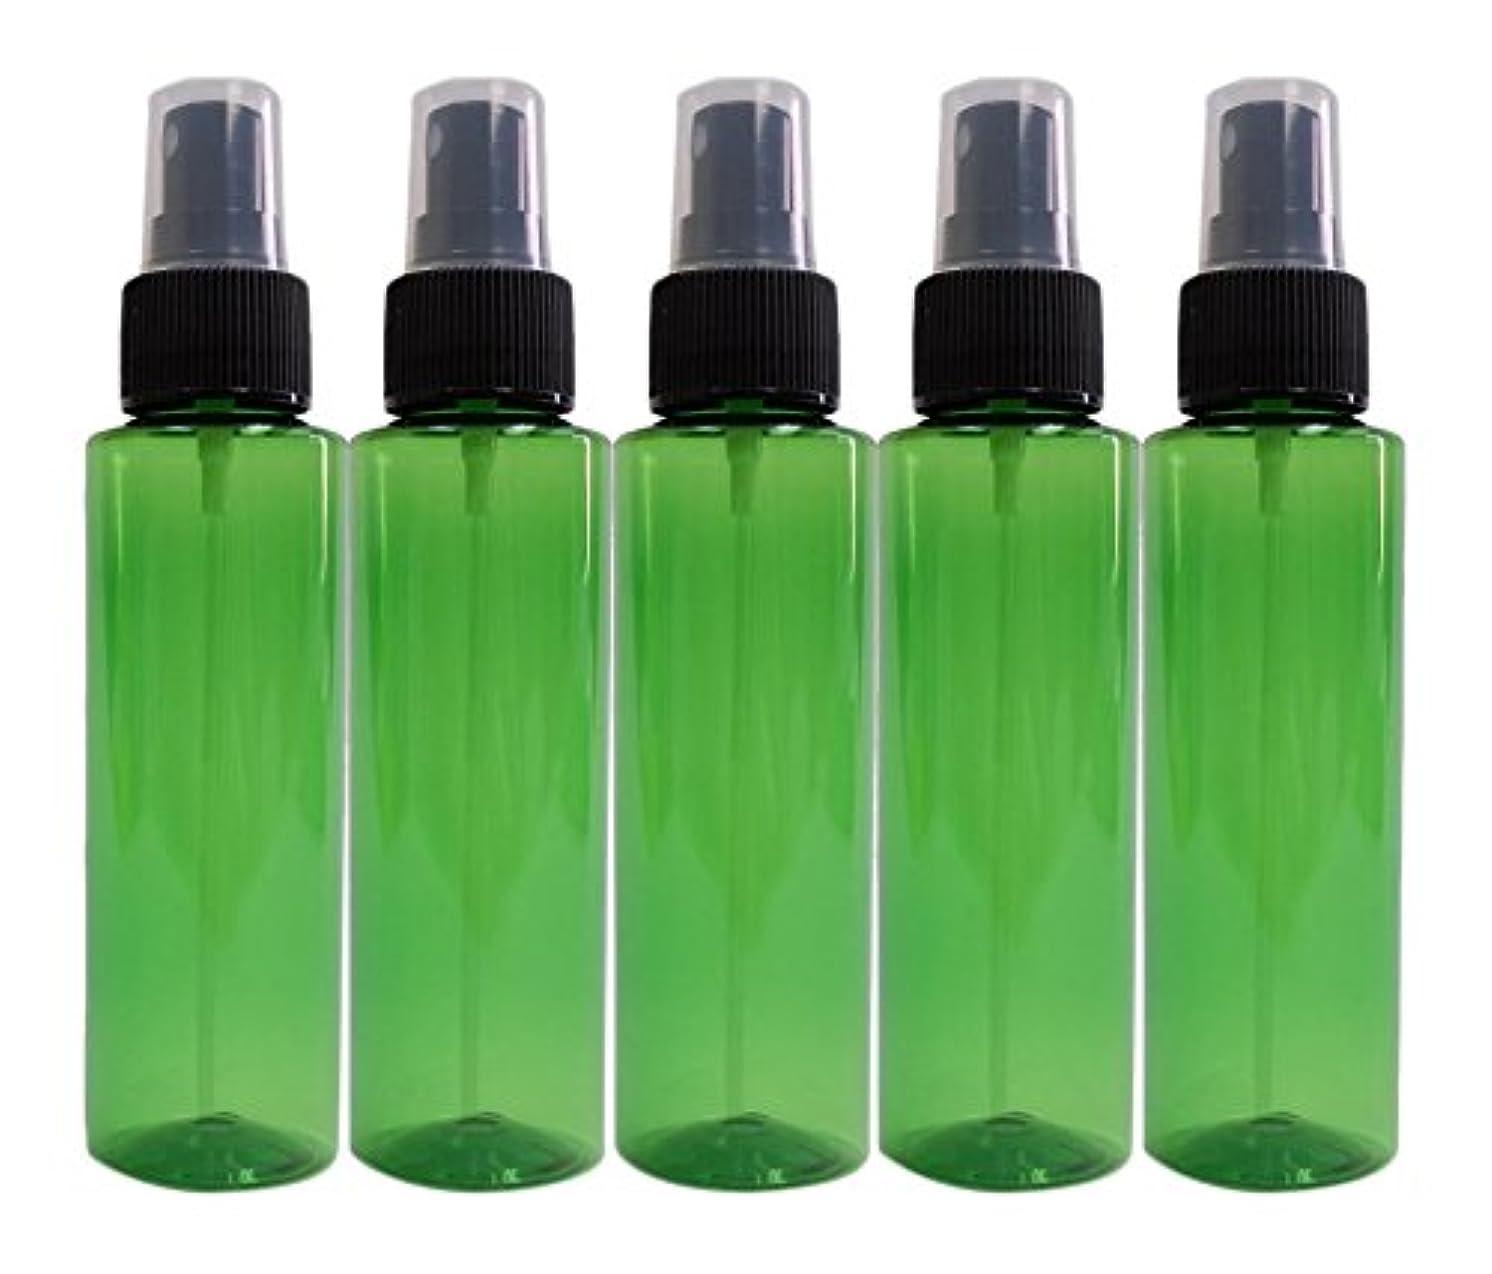 アサートルール報復ease 保存容器 スプレータイプ プラスチック 緑色 100ml×5本